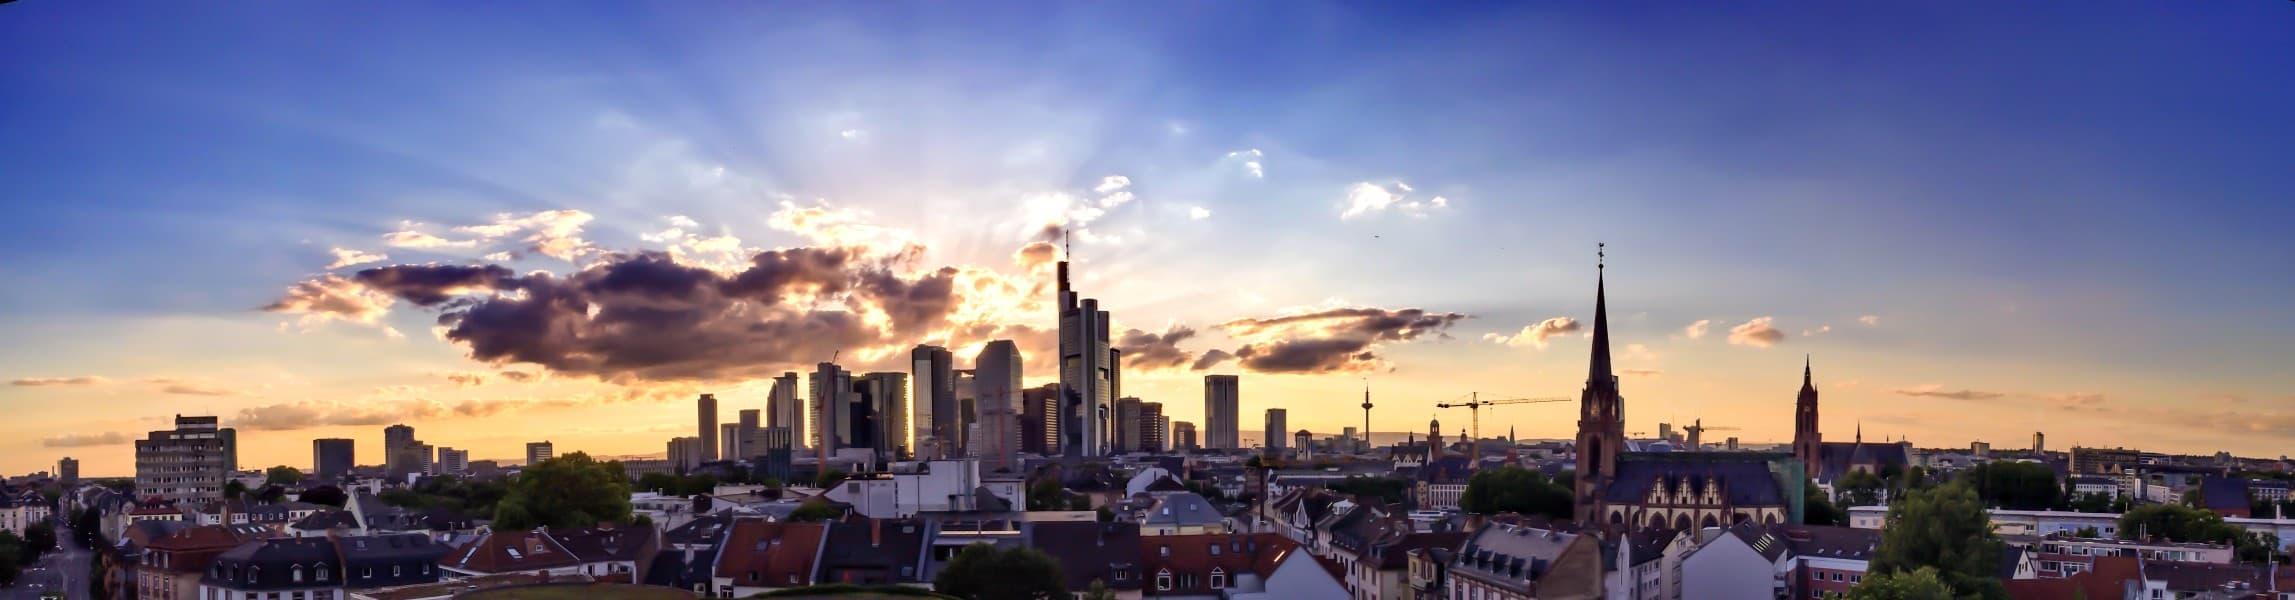 wesaveyourcopyrights anwälte über uns gewerblicher rechtsschutz frankfurt skyline